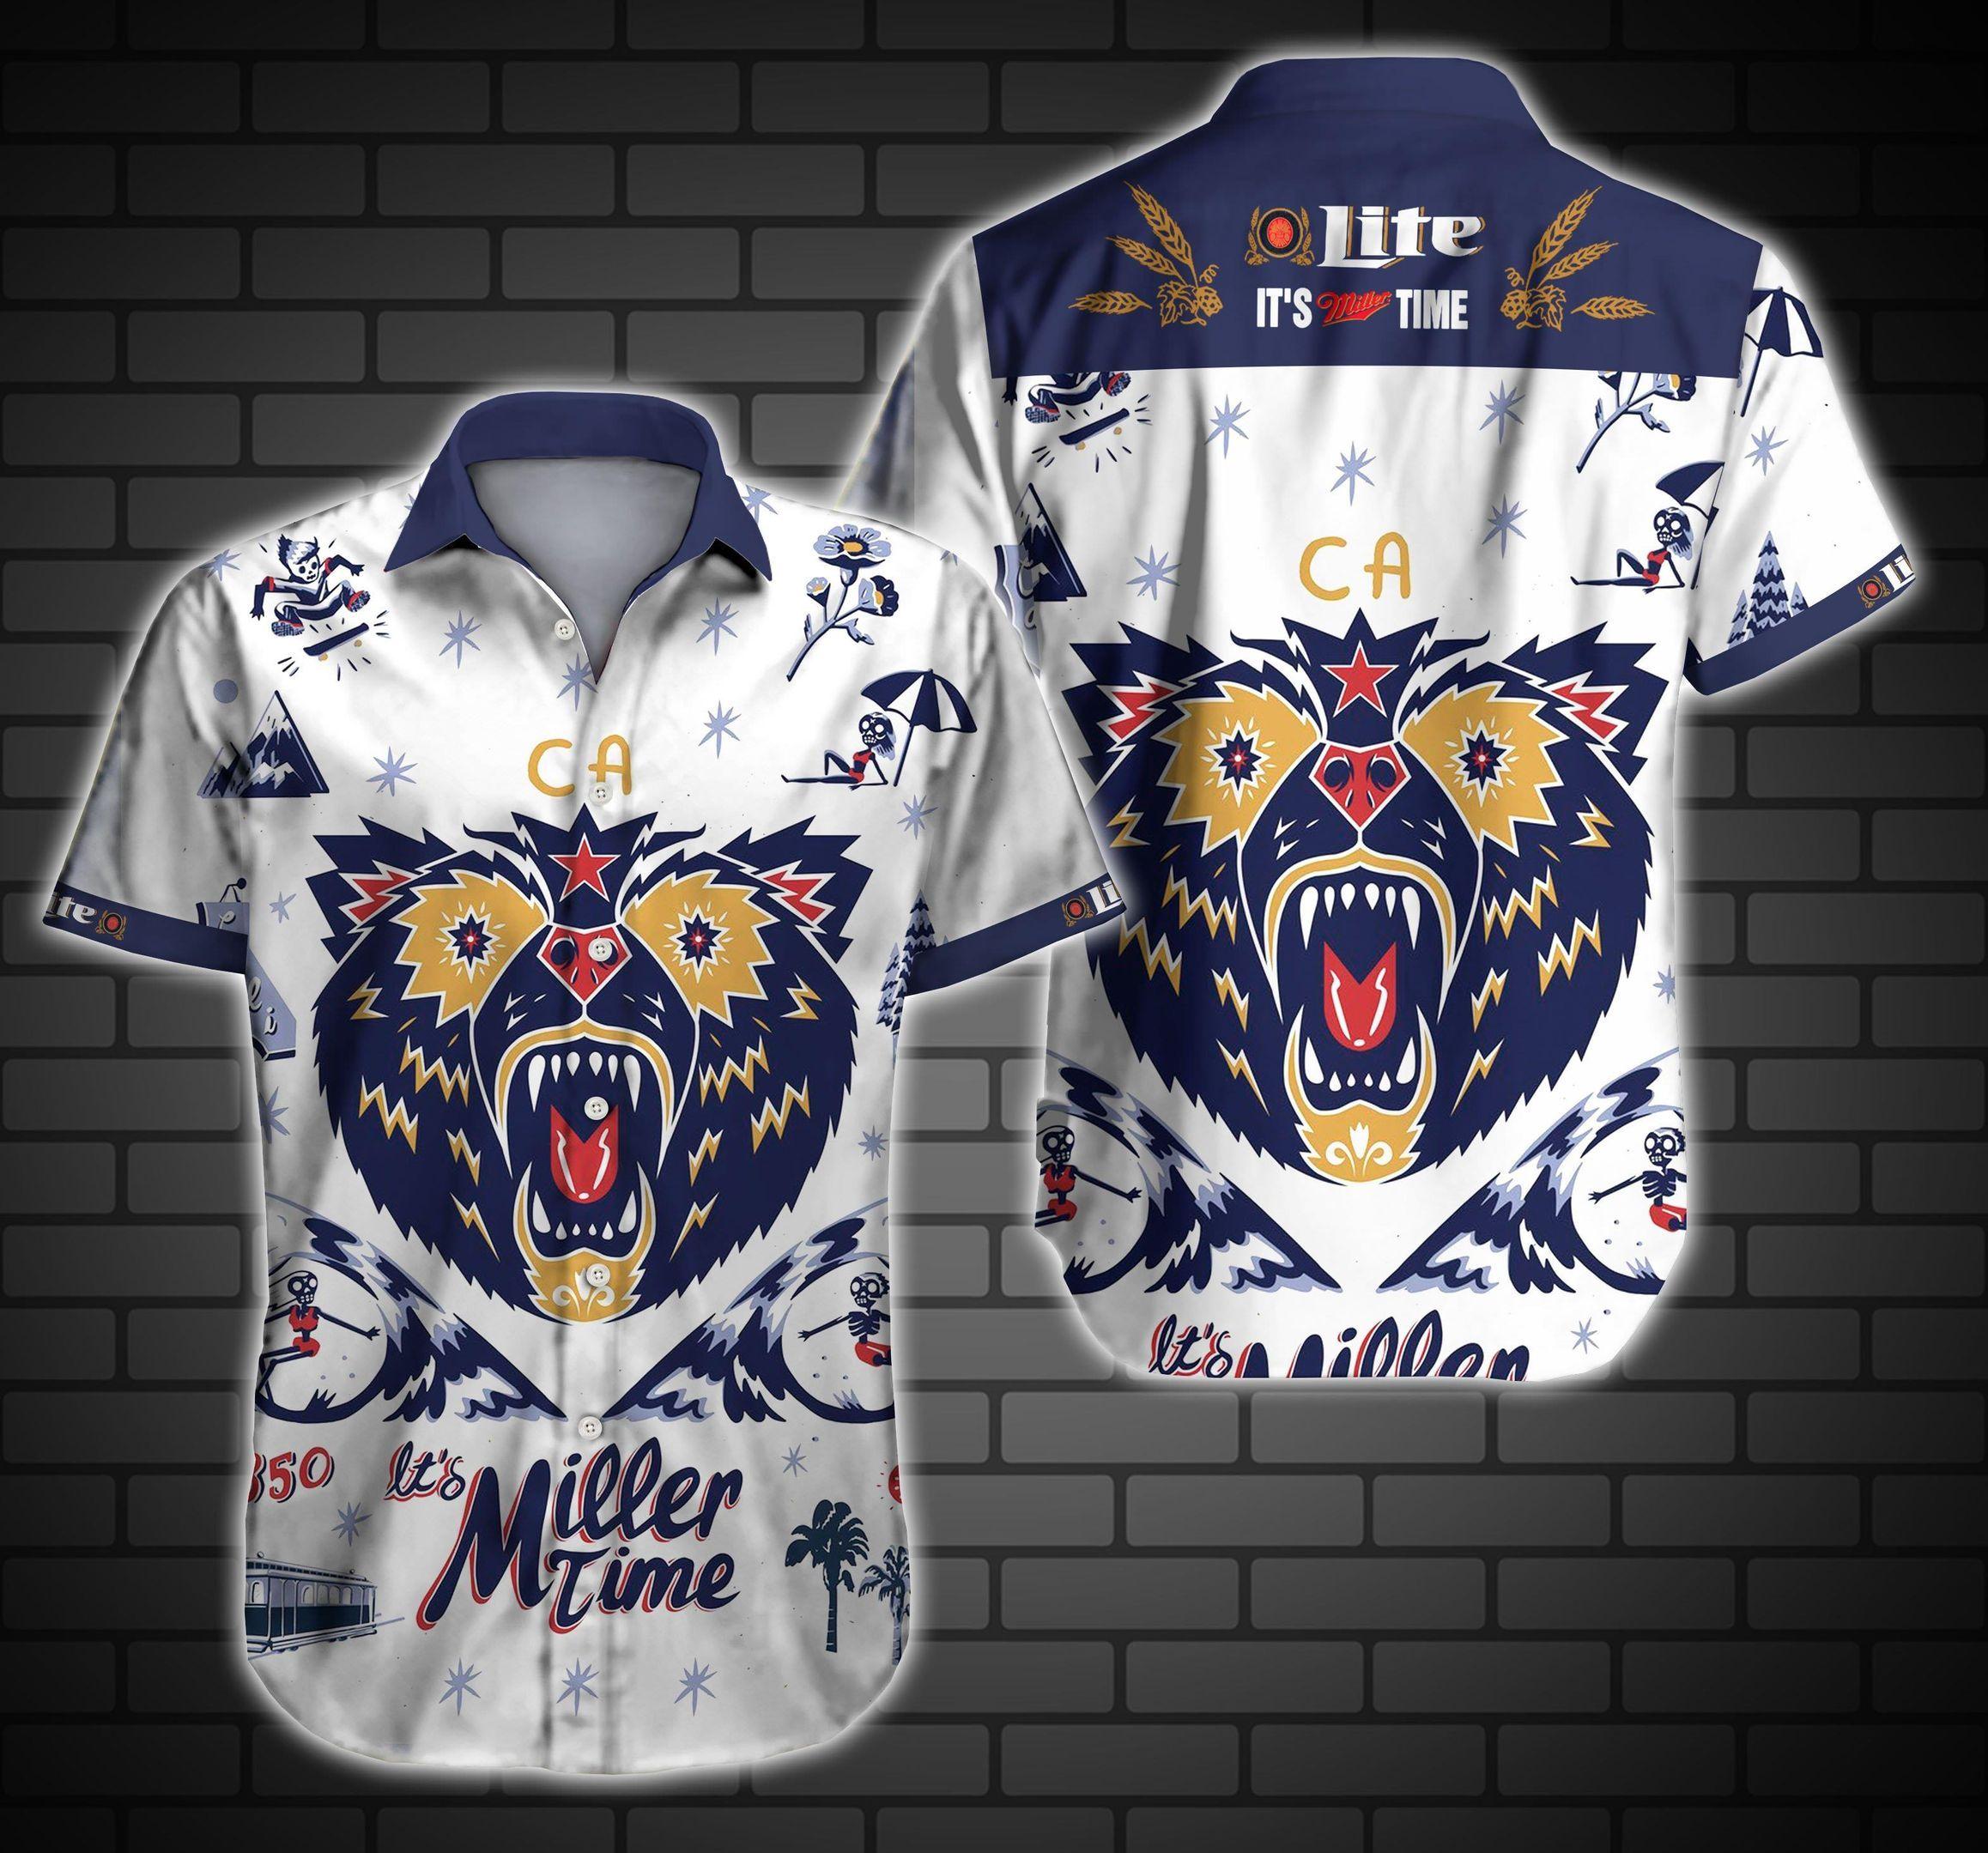 Lite Miller Time Hawaii Shirt